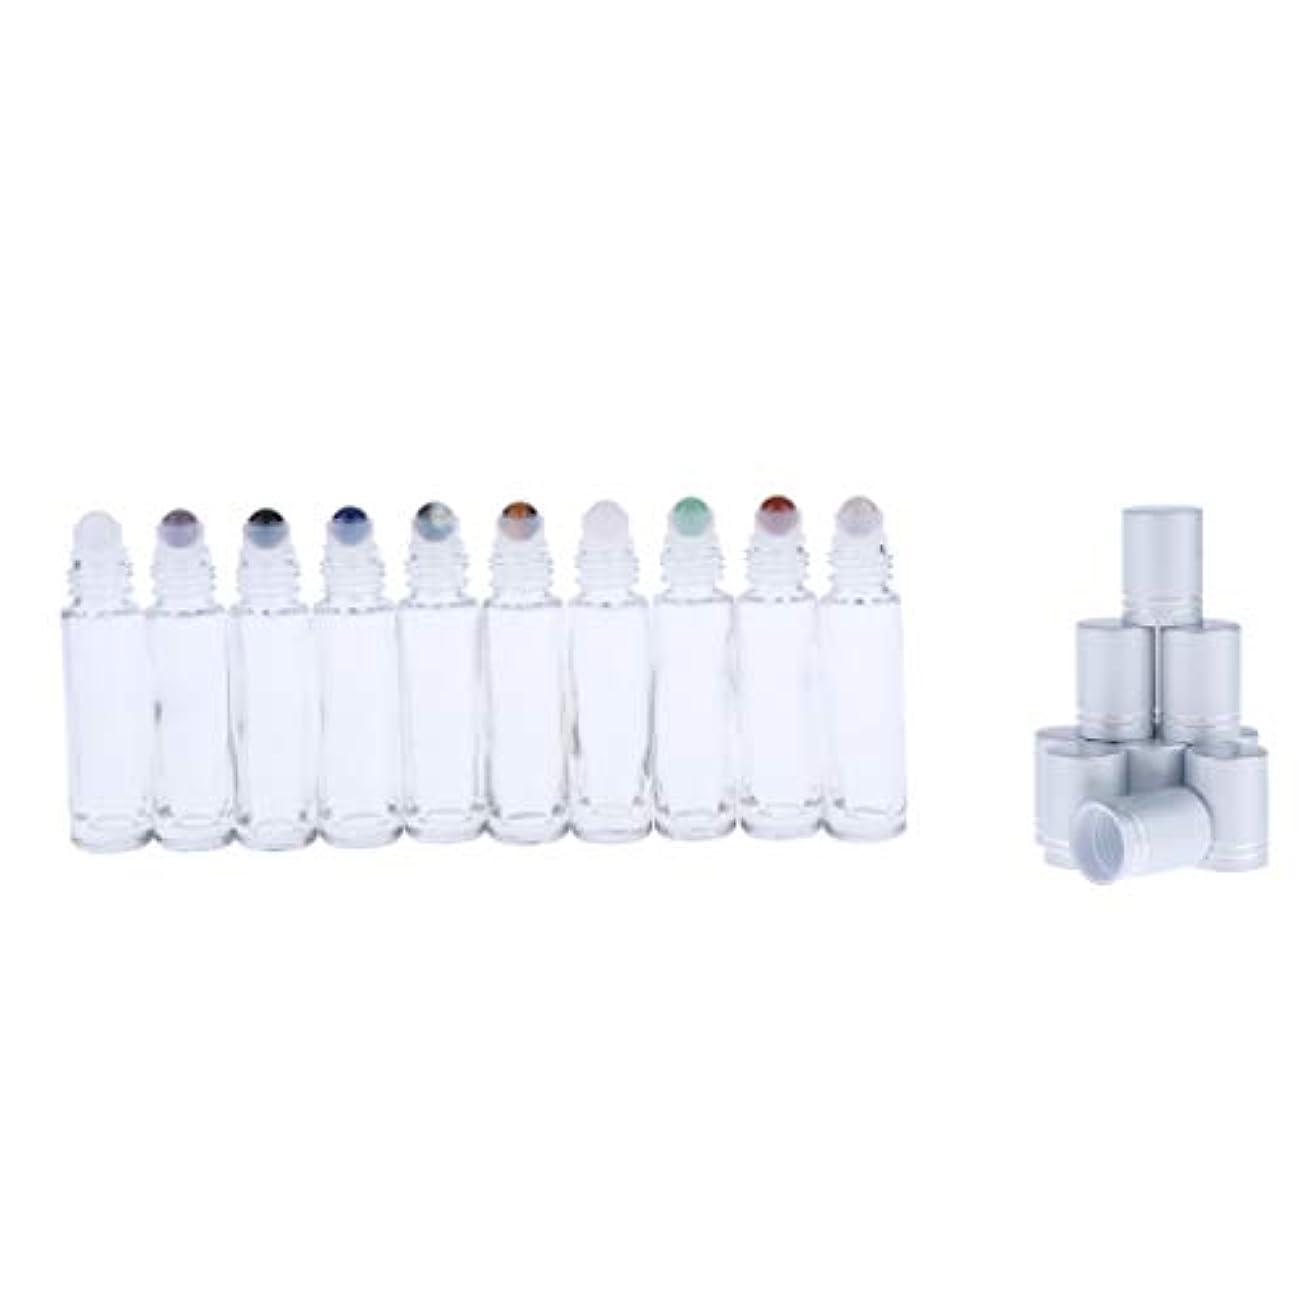 卒業おびえた疎外10ml ロールオンボトル ガラス容器 透明 香水 アロマ 精油 小分け用 見分け携帯便利 10個入